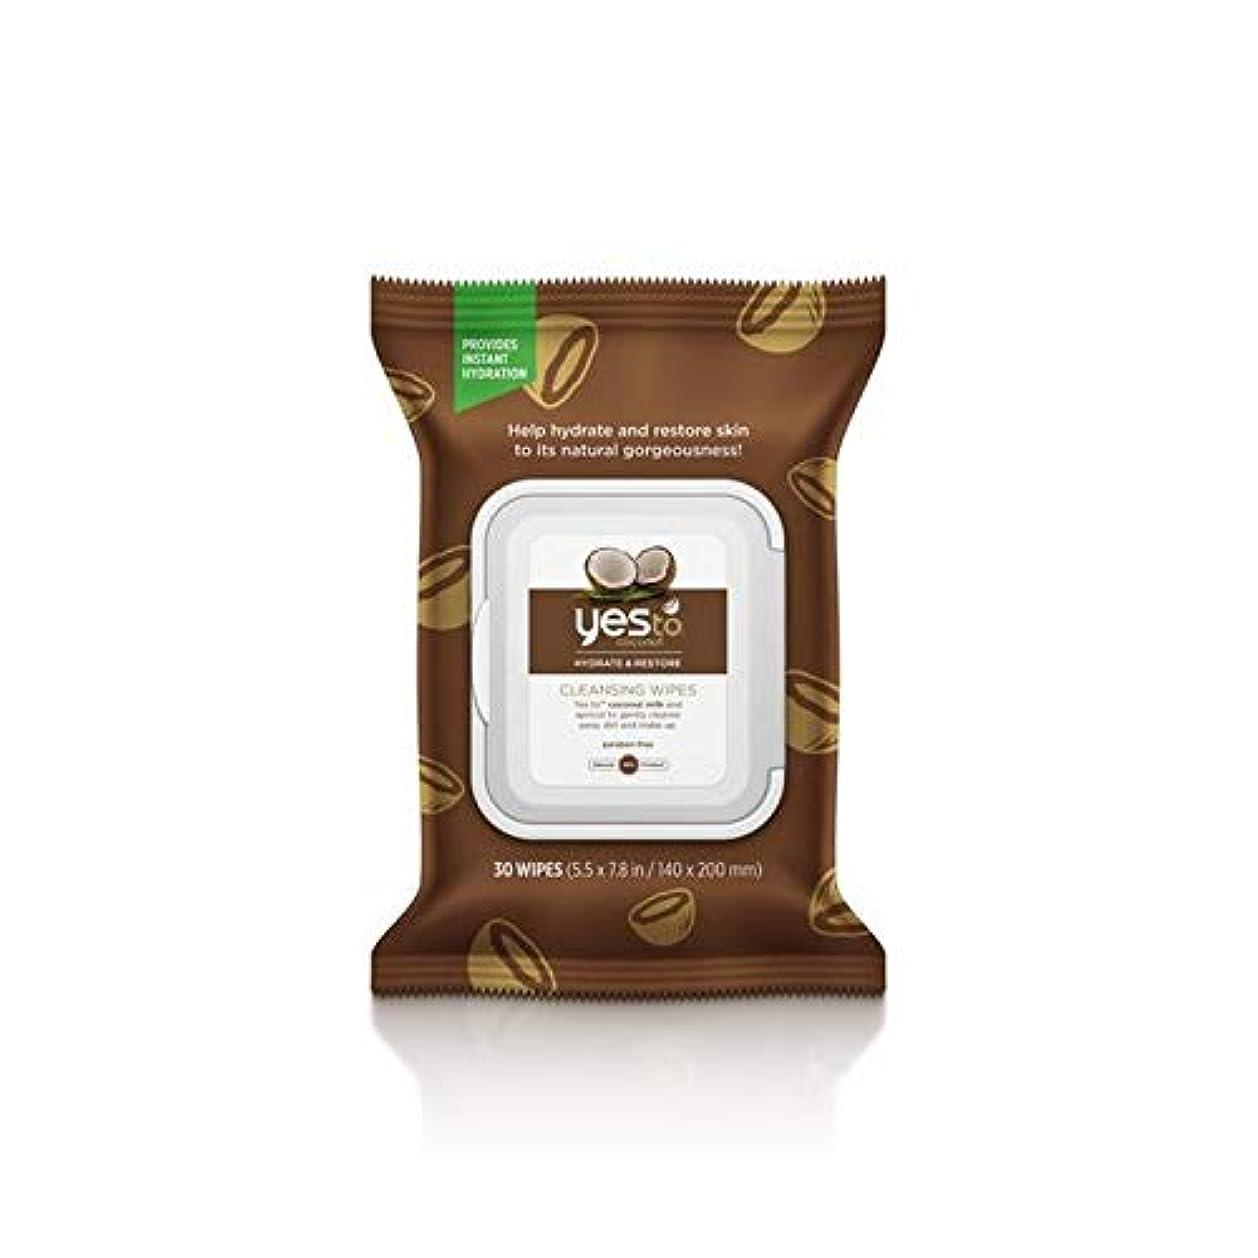 メキシコダース褒賞[YES TO! ] はいココナッツクレンジング顔にパックあたり25ワイプ - Yes To Coconut Cleansing Face Wipes 25 per pack [並行輸入品]